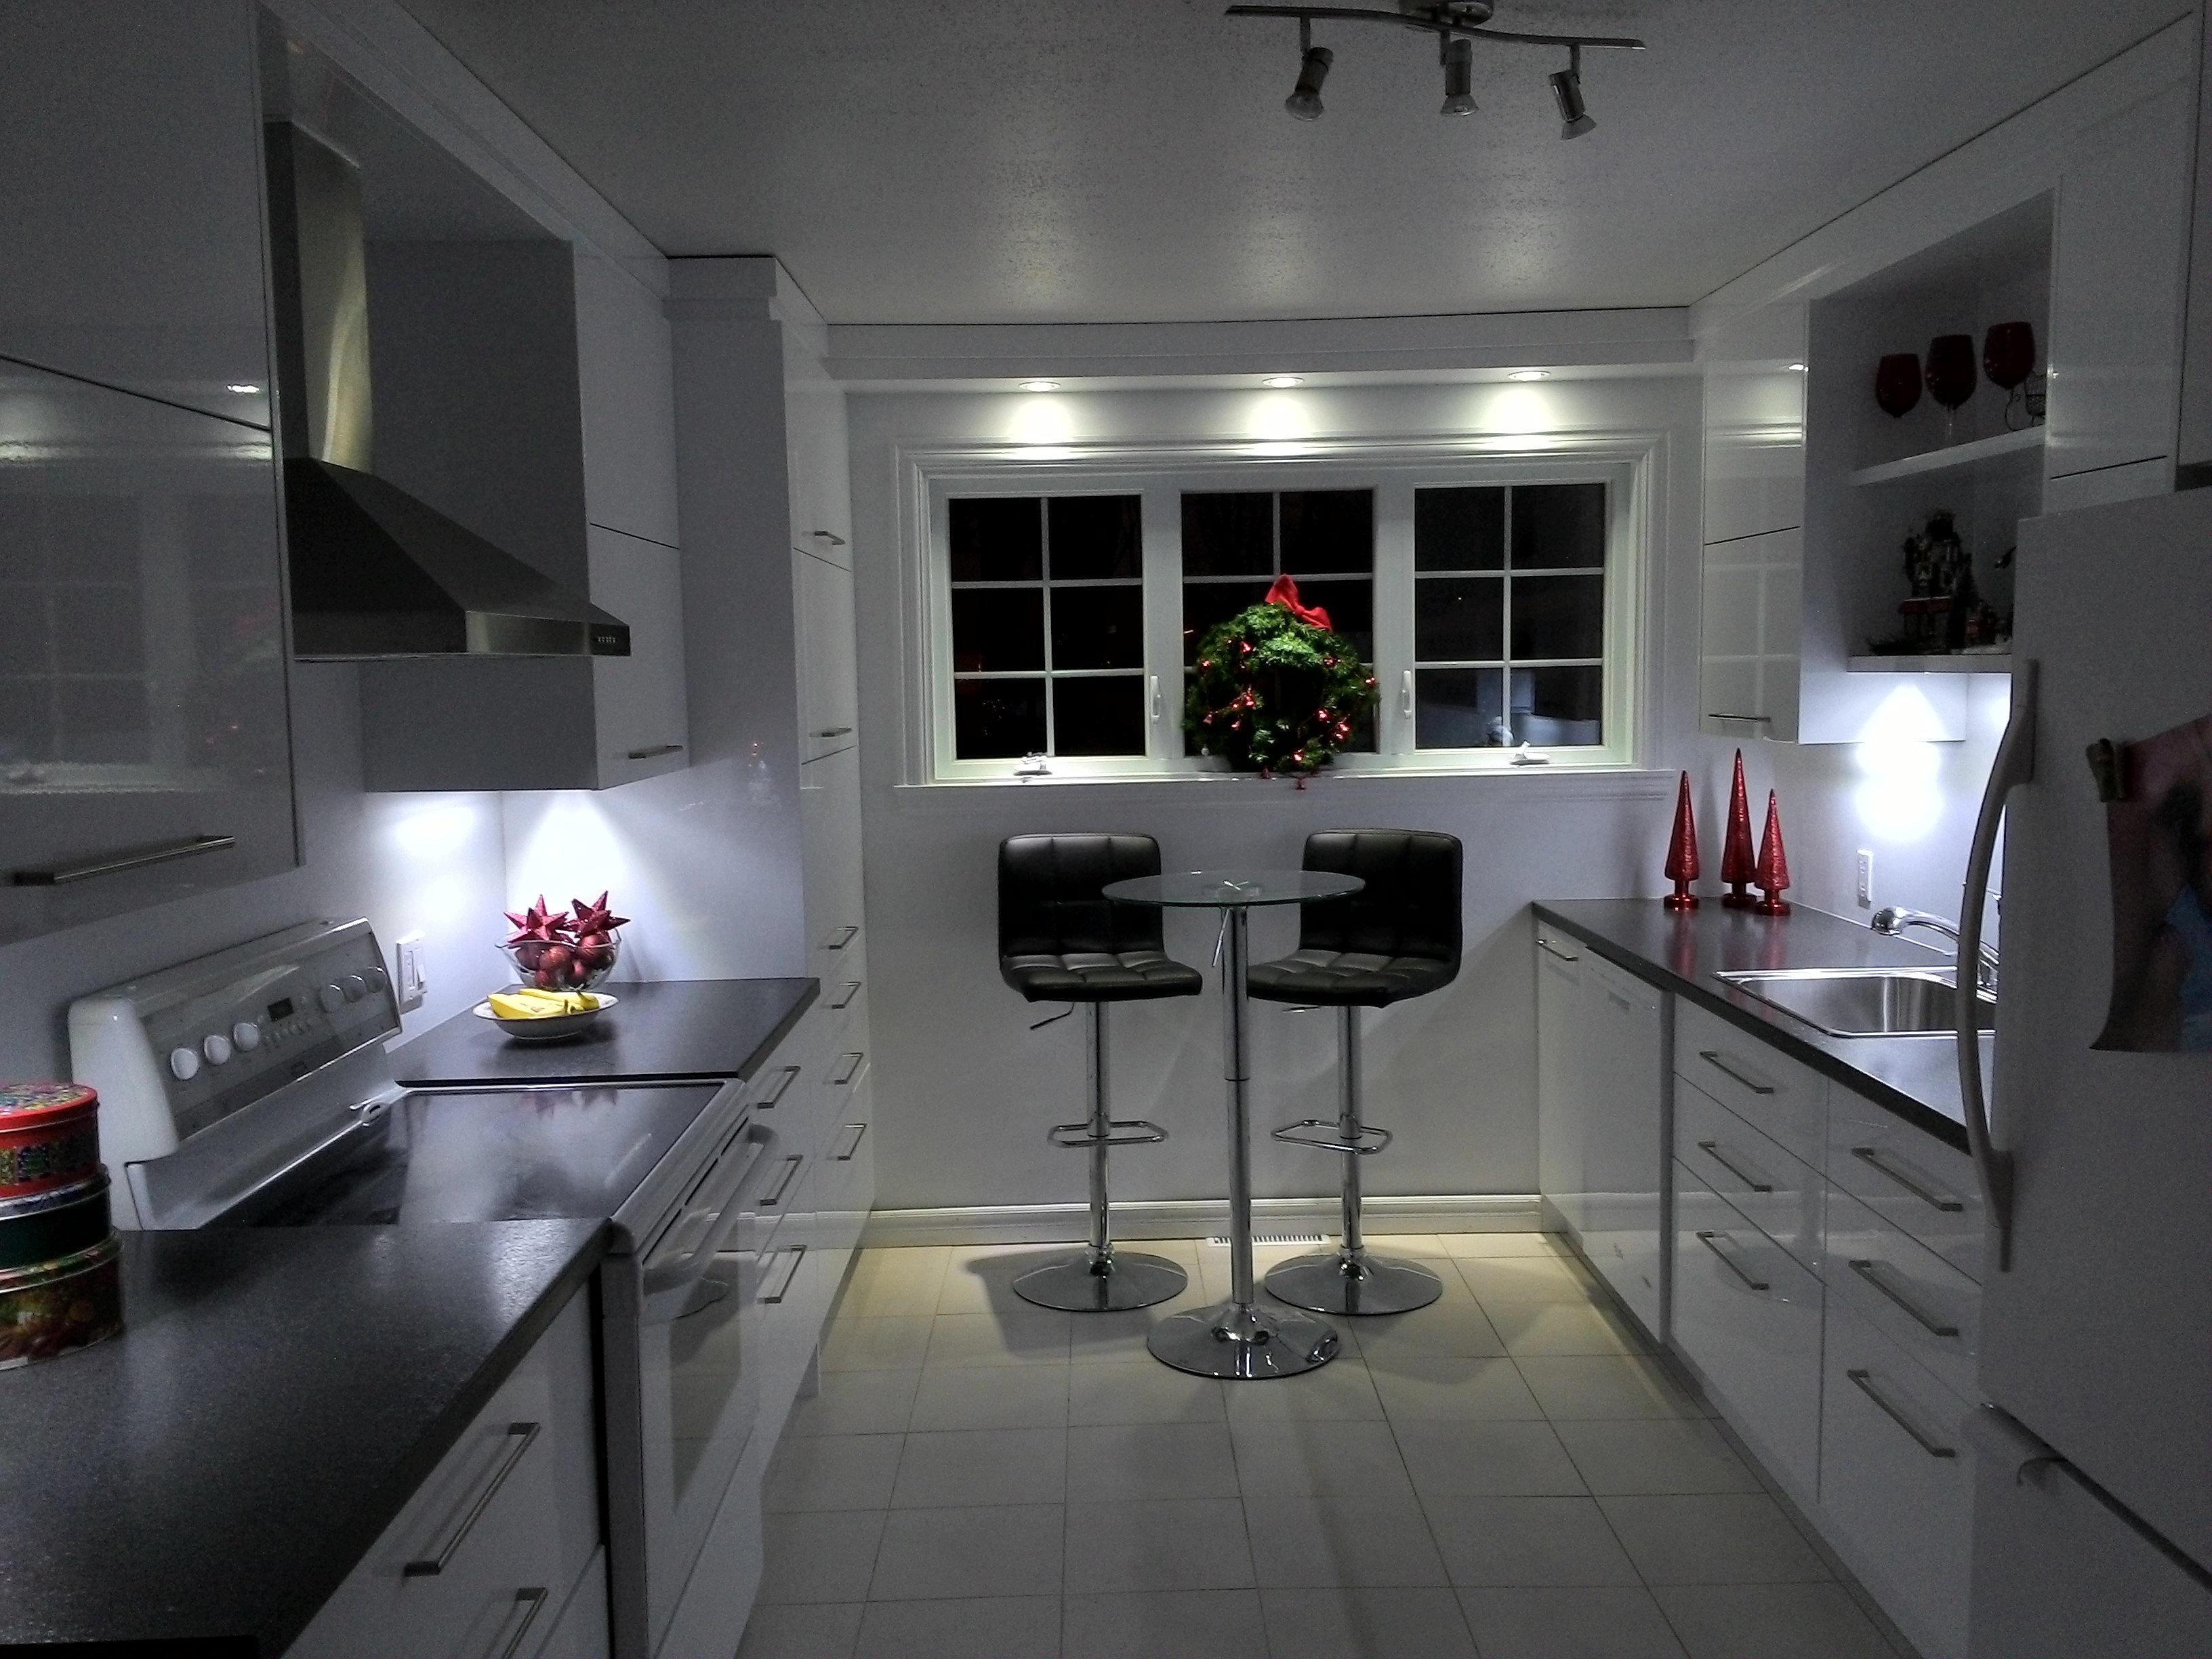 Cuisine d co du qu bec cuisine d co armorie for Deco cuisine quebec qc